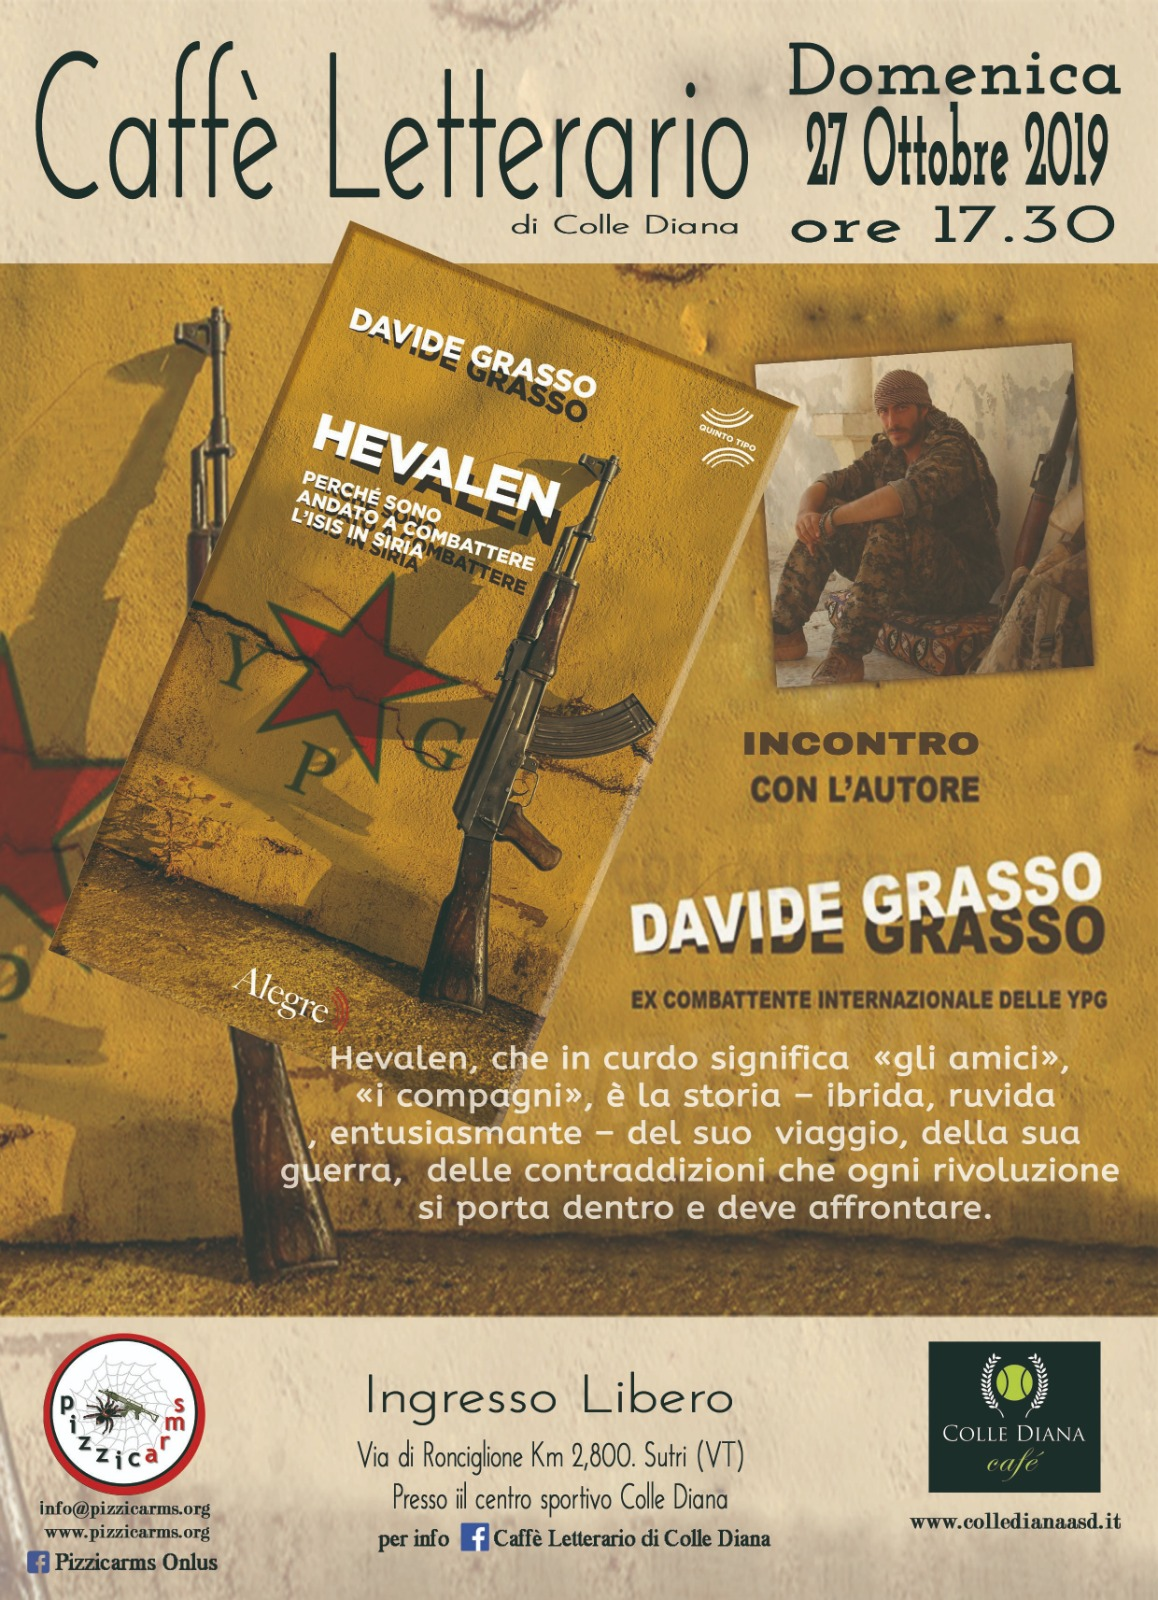 Caffè Letterario con Davide Grasso